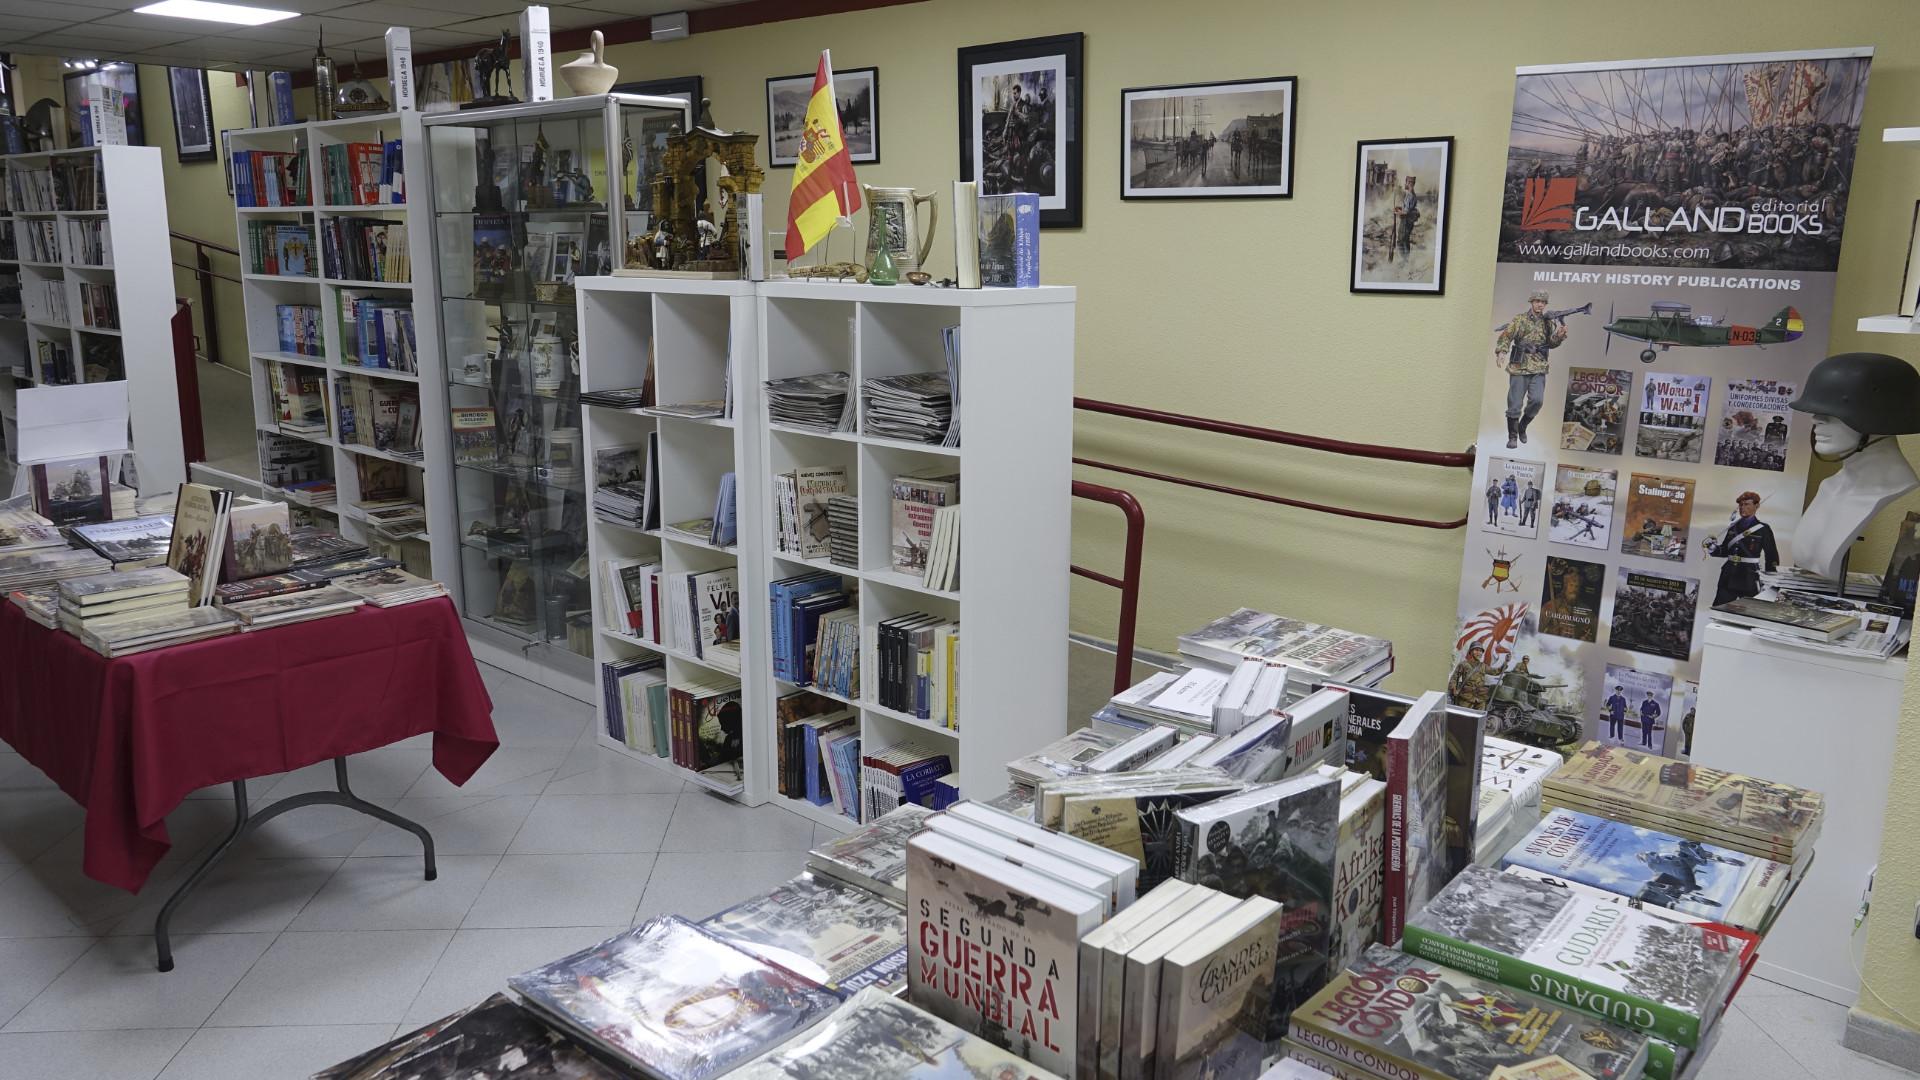 Libros, espadas y carros de combate